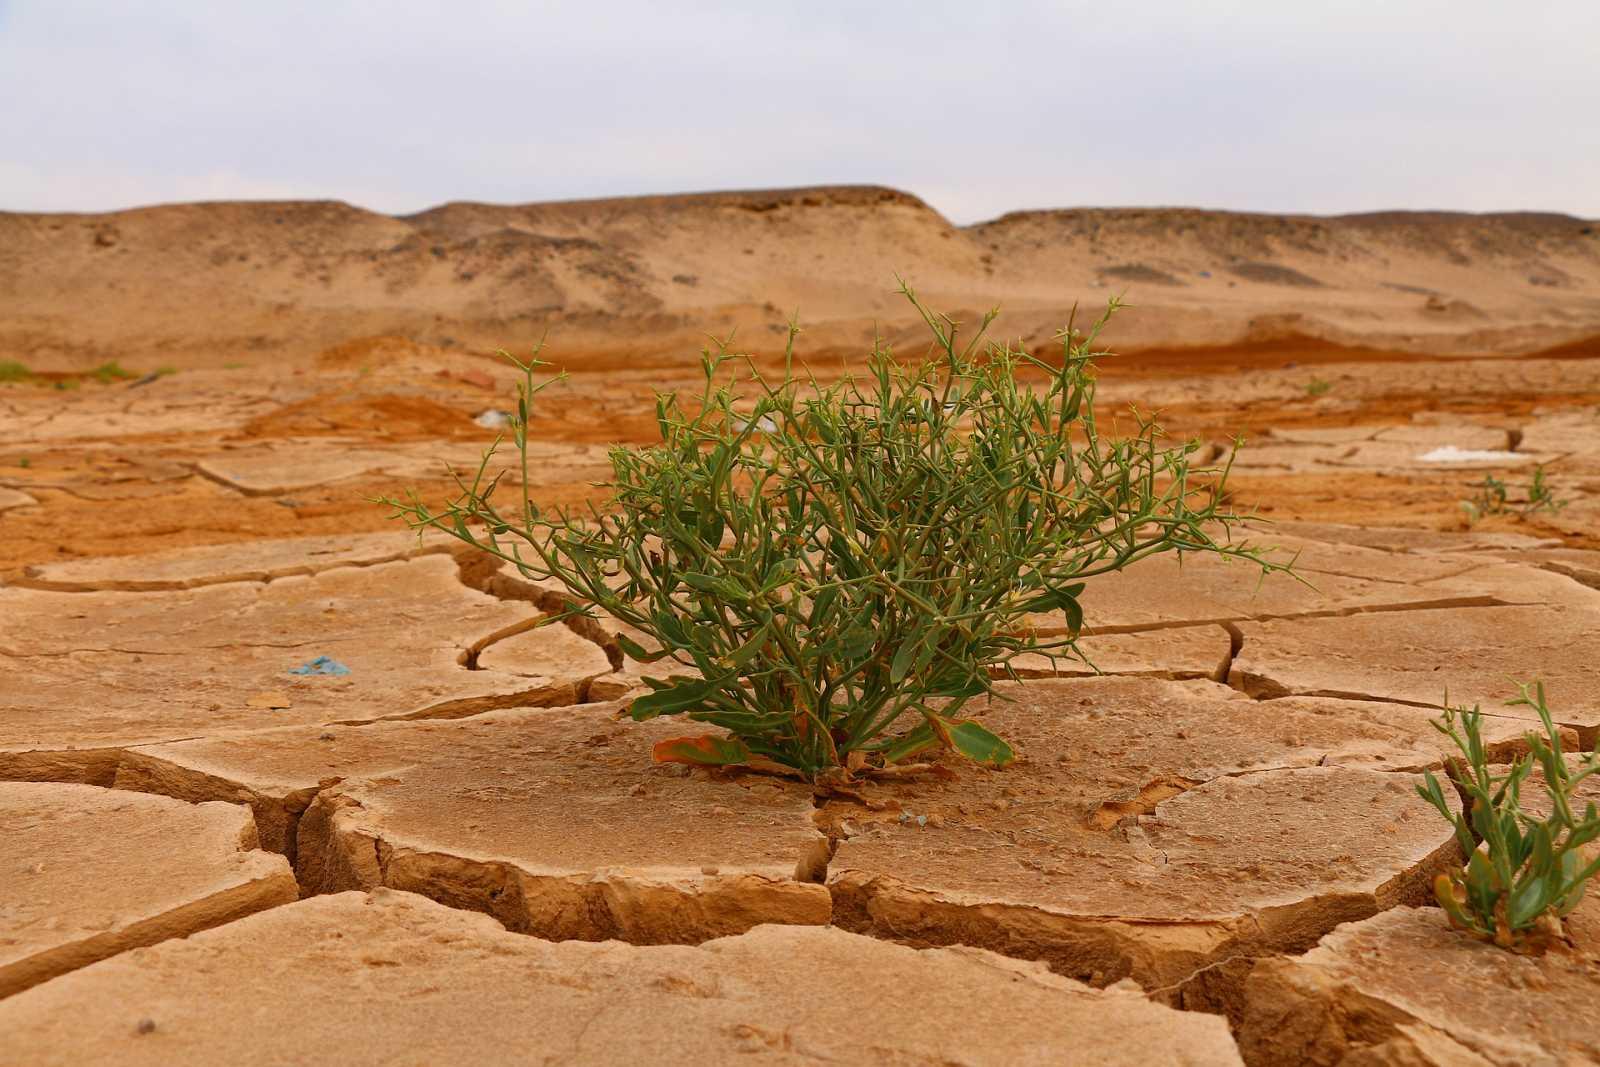 Vida verda/Emergència climàtica: superat el punt de capgirell climàtic global?